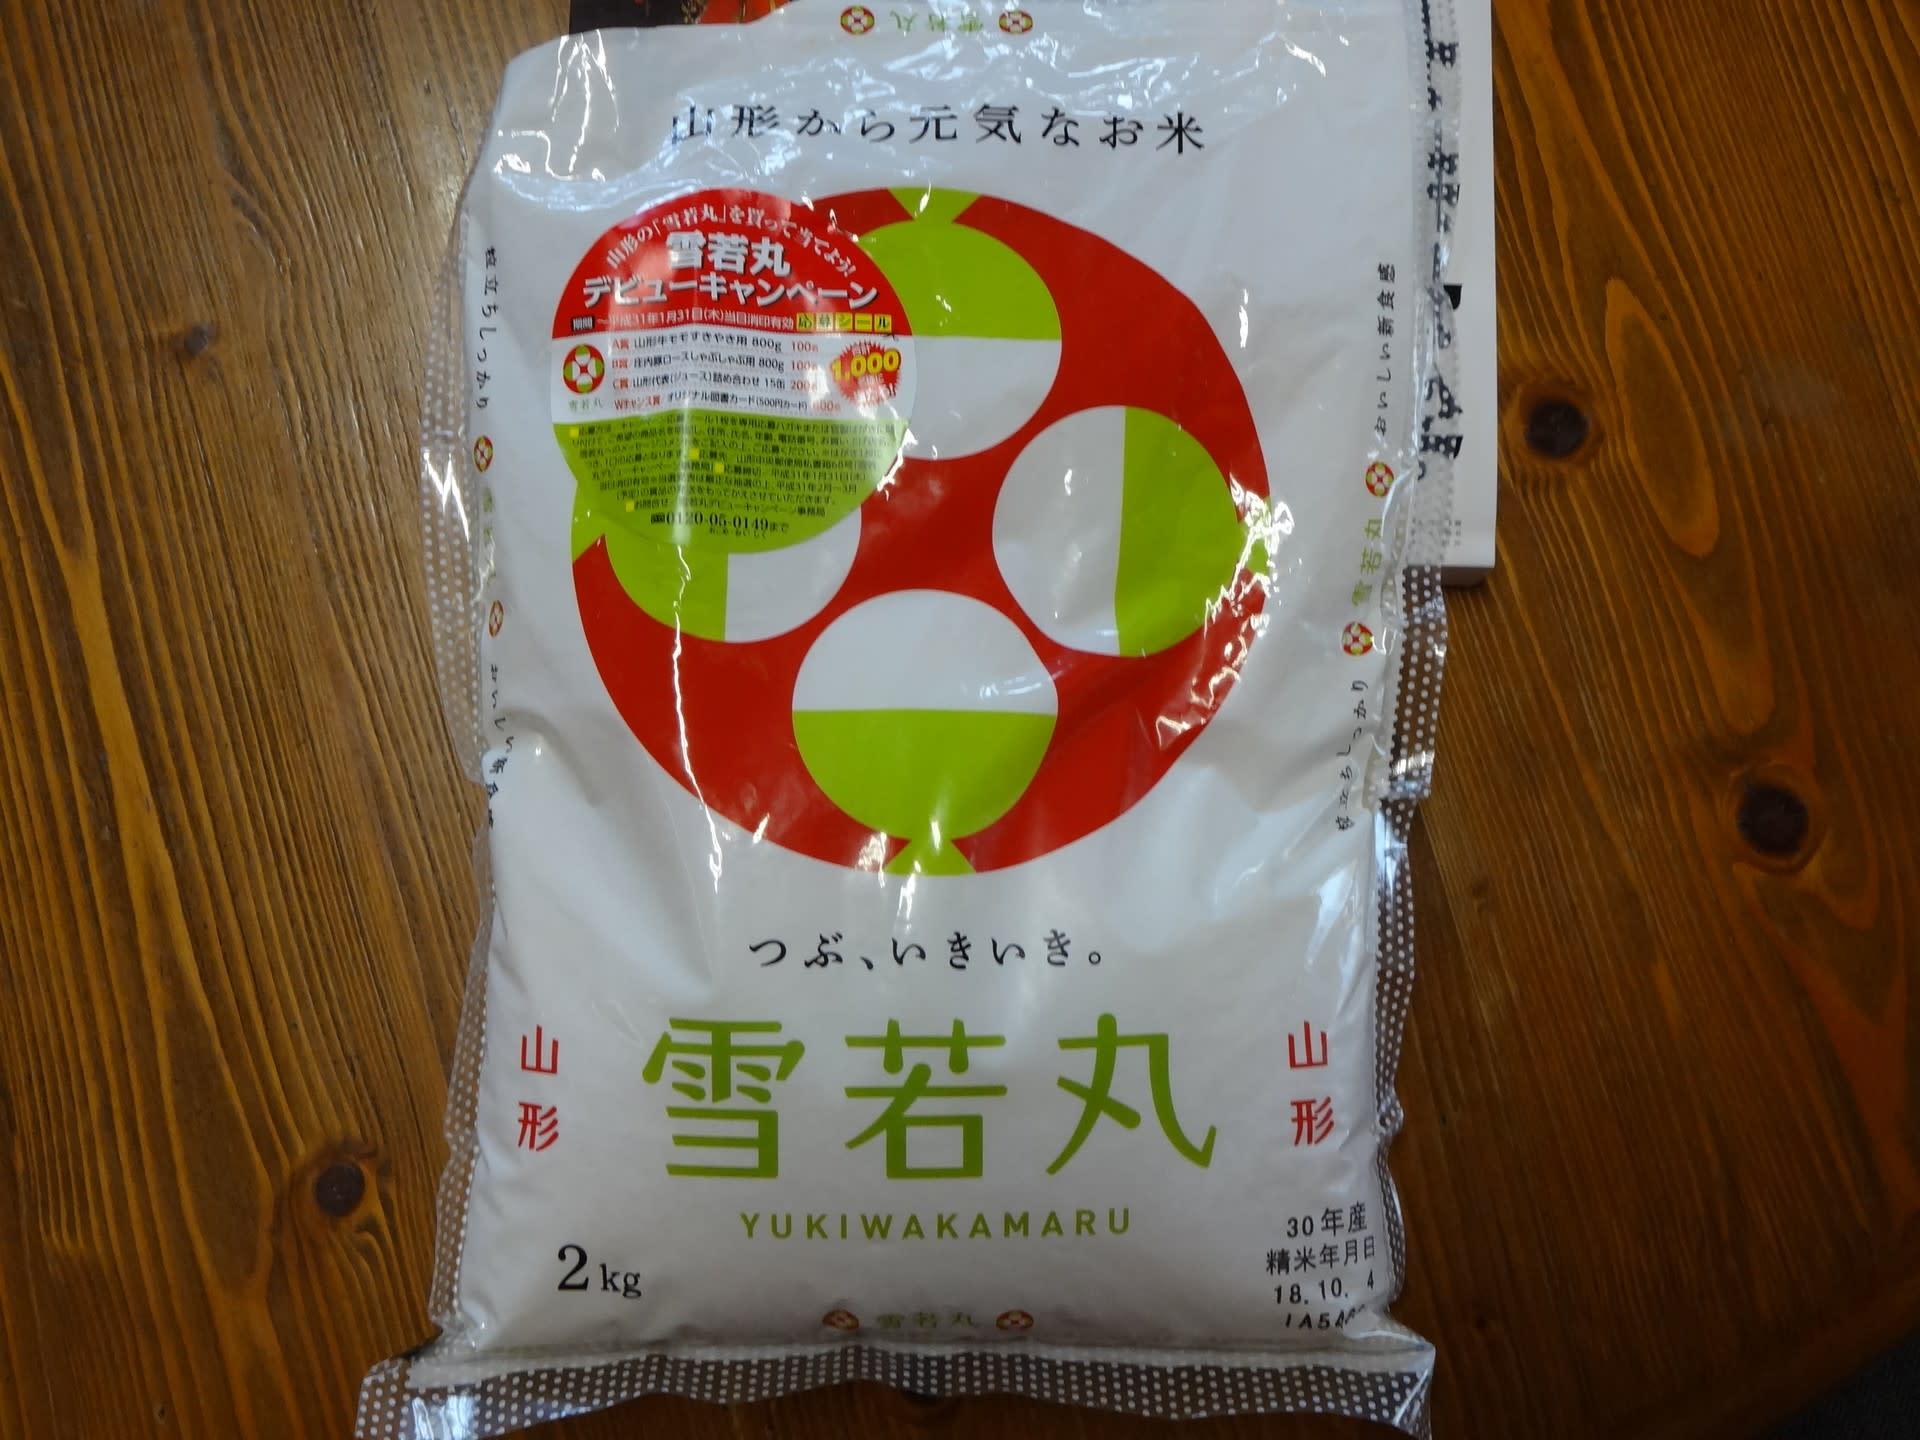 米価下落が総選挙に影響